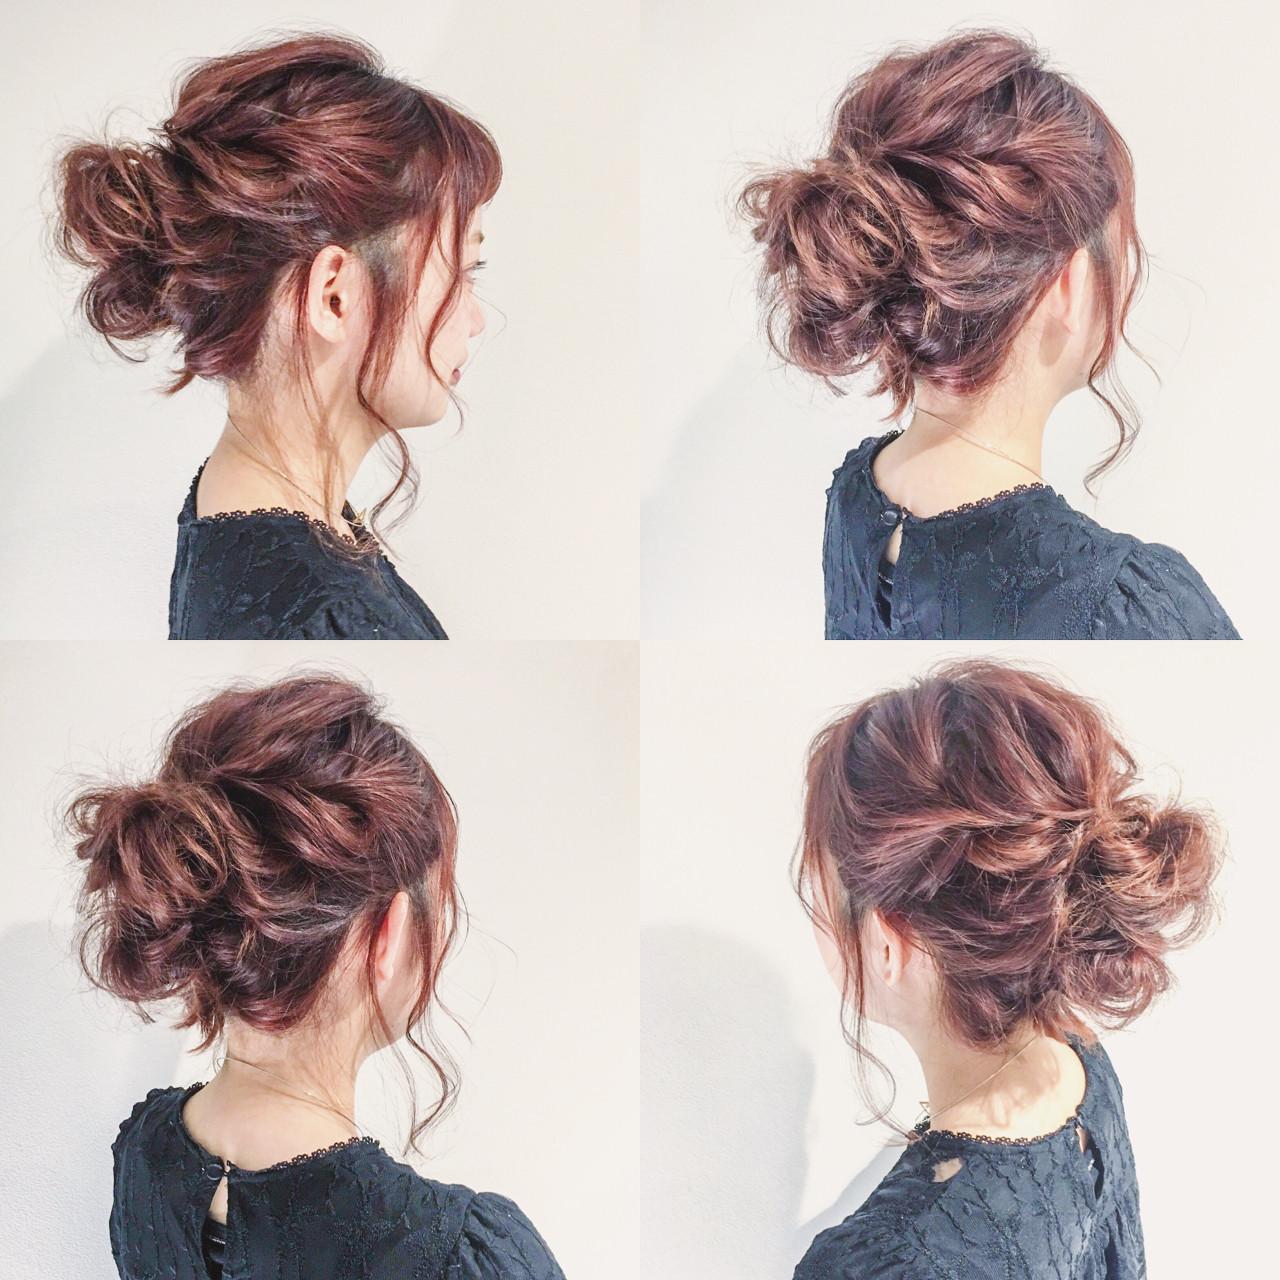 ミディアム ルーズ 二次会 簡単ヘアアレンジ ヘアスタイルや髪型の写真・画像 | 美容師HIRO/Amoute代表 / Amoute/アムティ